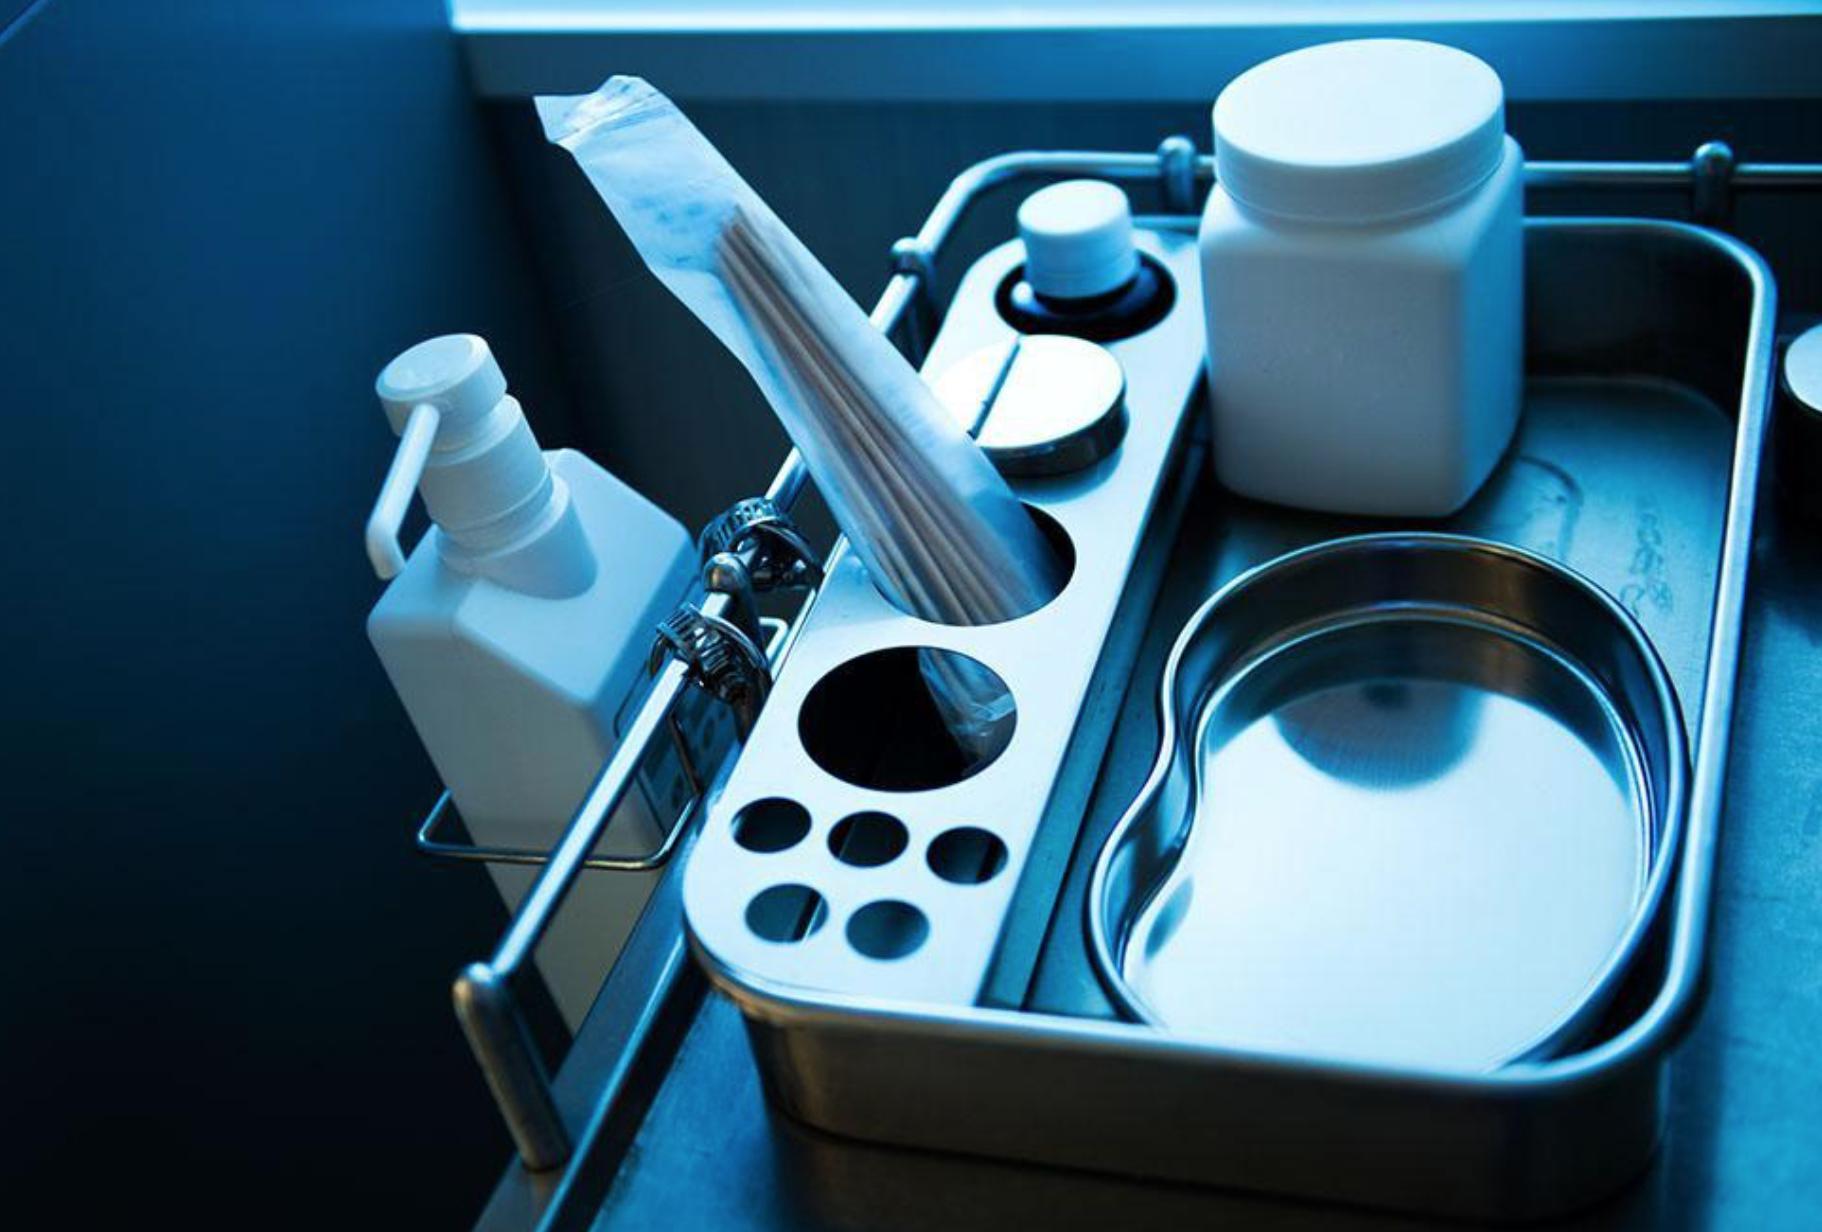 医疗器械抽检近17%不合格  医用口罩及阴道扩张器成重灾区